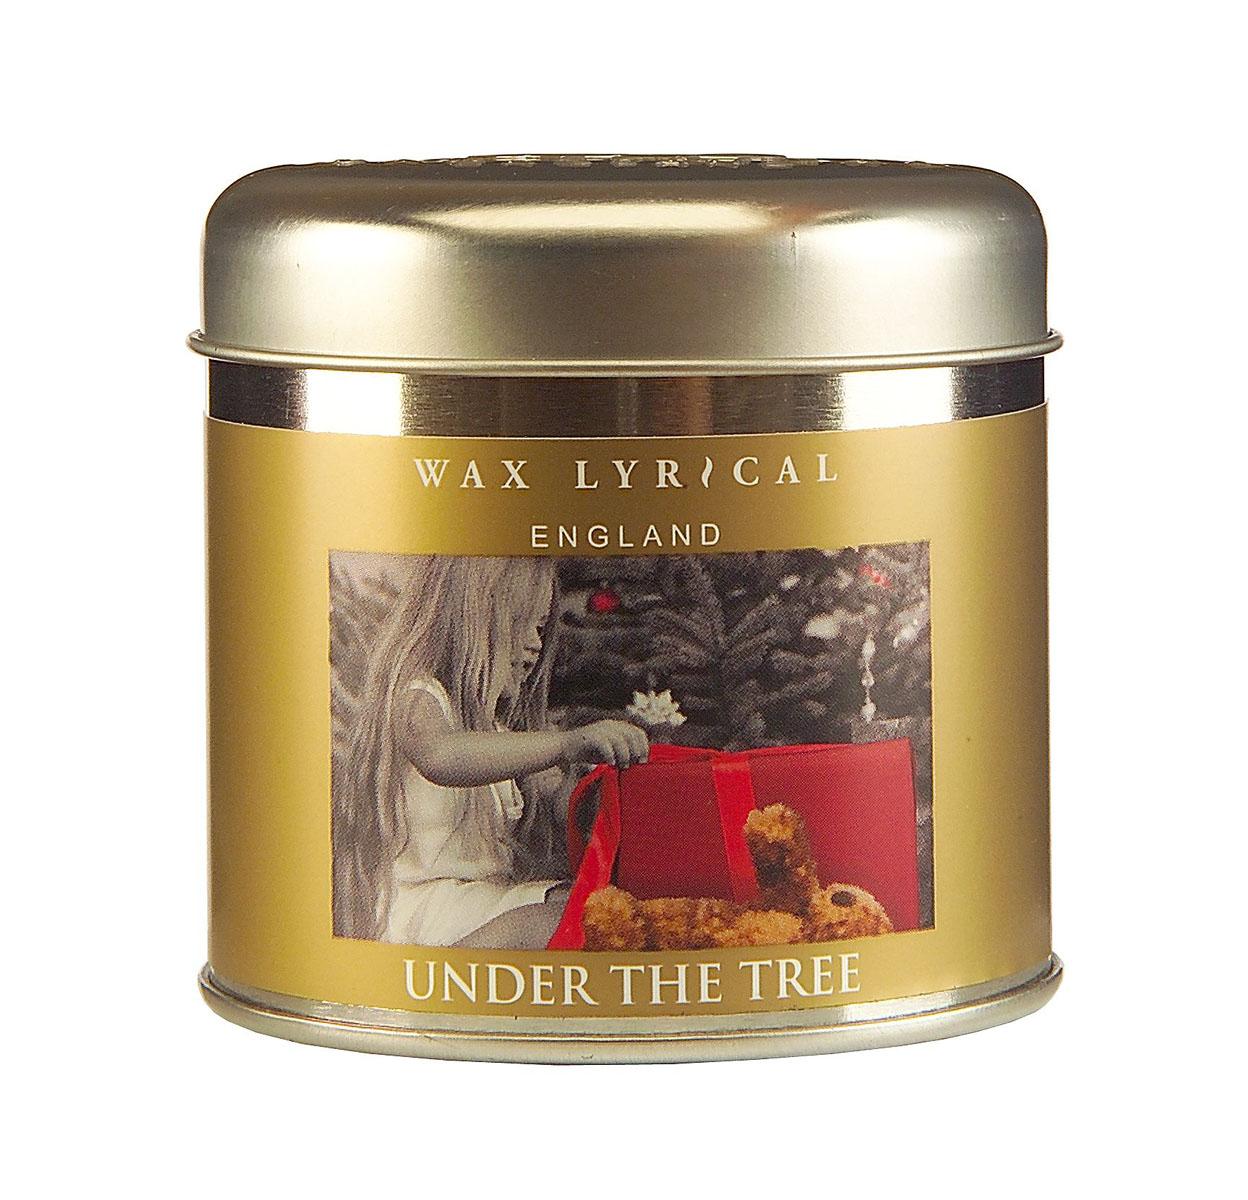 Wax Lyrical Рождественский подарок ароматизированная свеча в алюминии, 35 часовWLT8743Восхитительный, завораживающий, интригующий аромат как рождественский подарок под елкой.